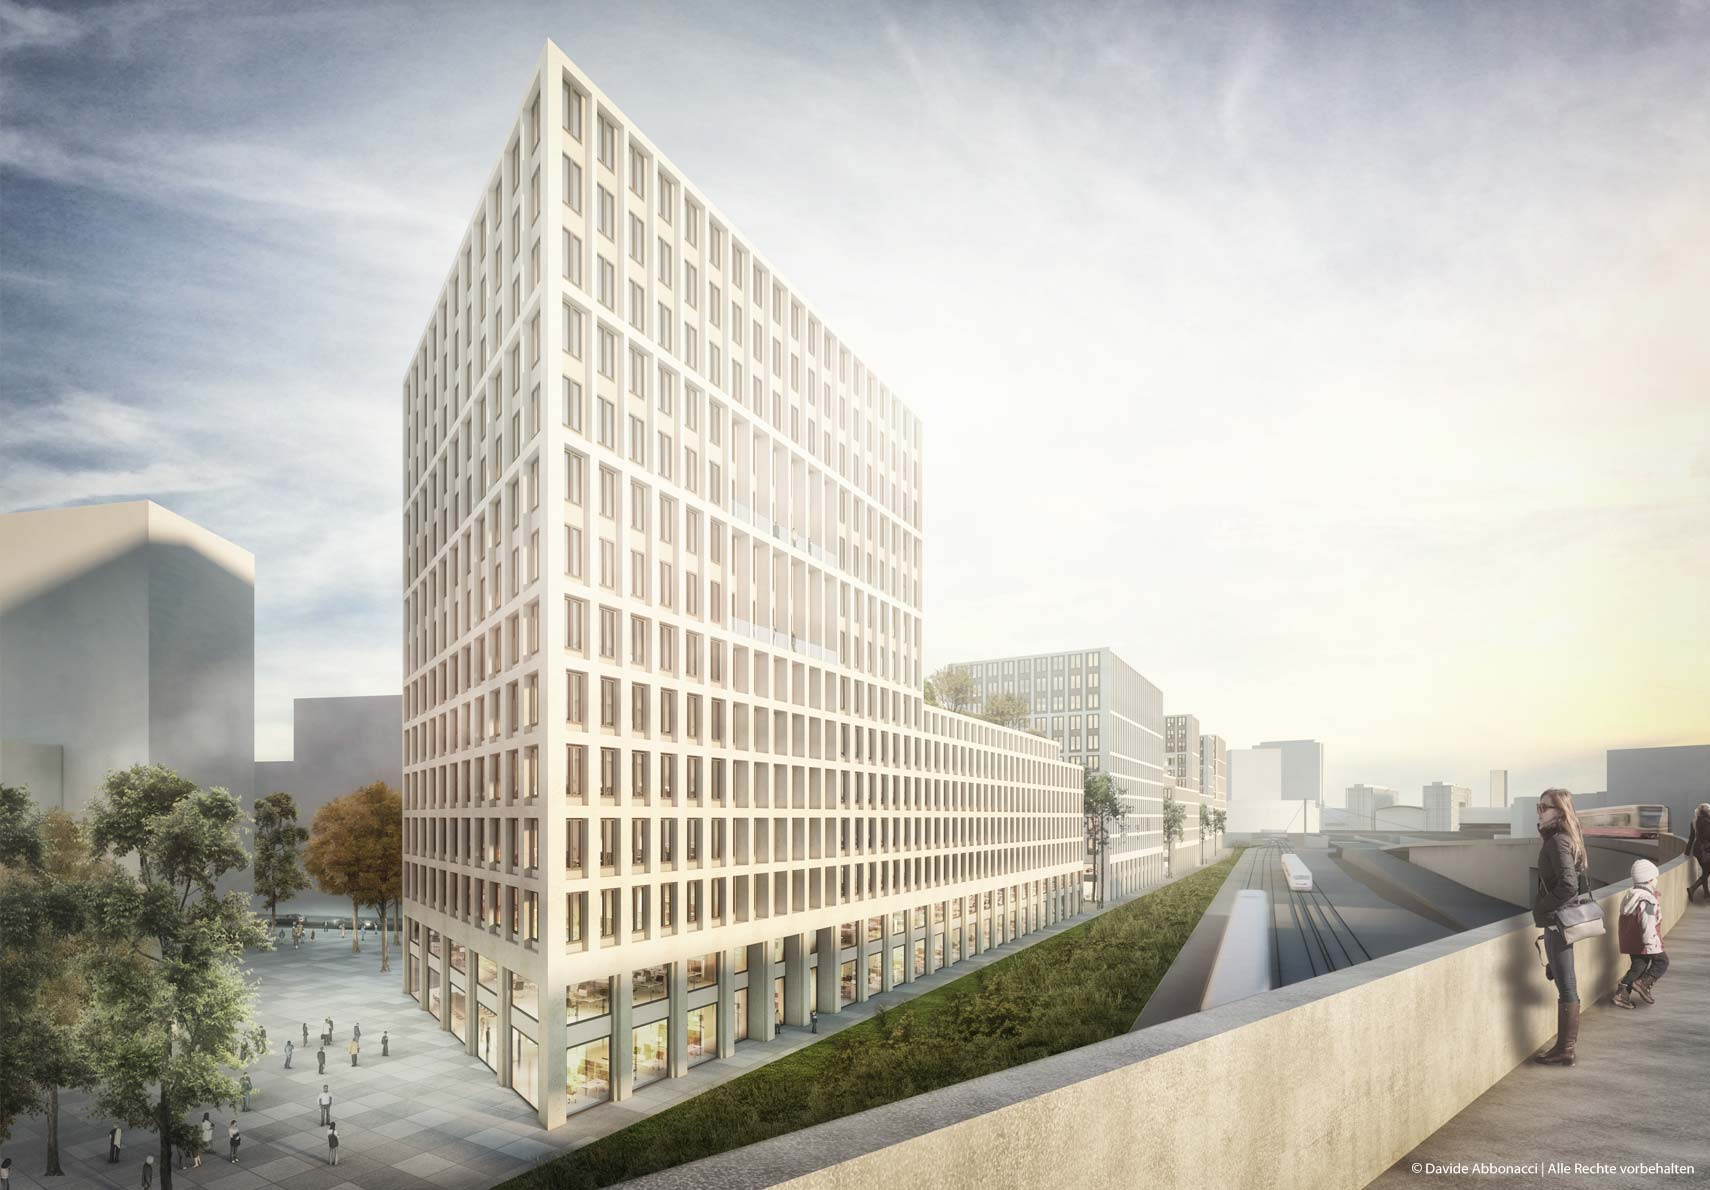 Europacity - Quartier Heidestraße Gewerberiegel, Berlin | gmp Architekten von Gerkan, Marg und Partner | 2017 Wettbewerbsvisualisierung | 3. Preis